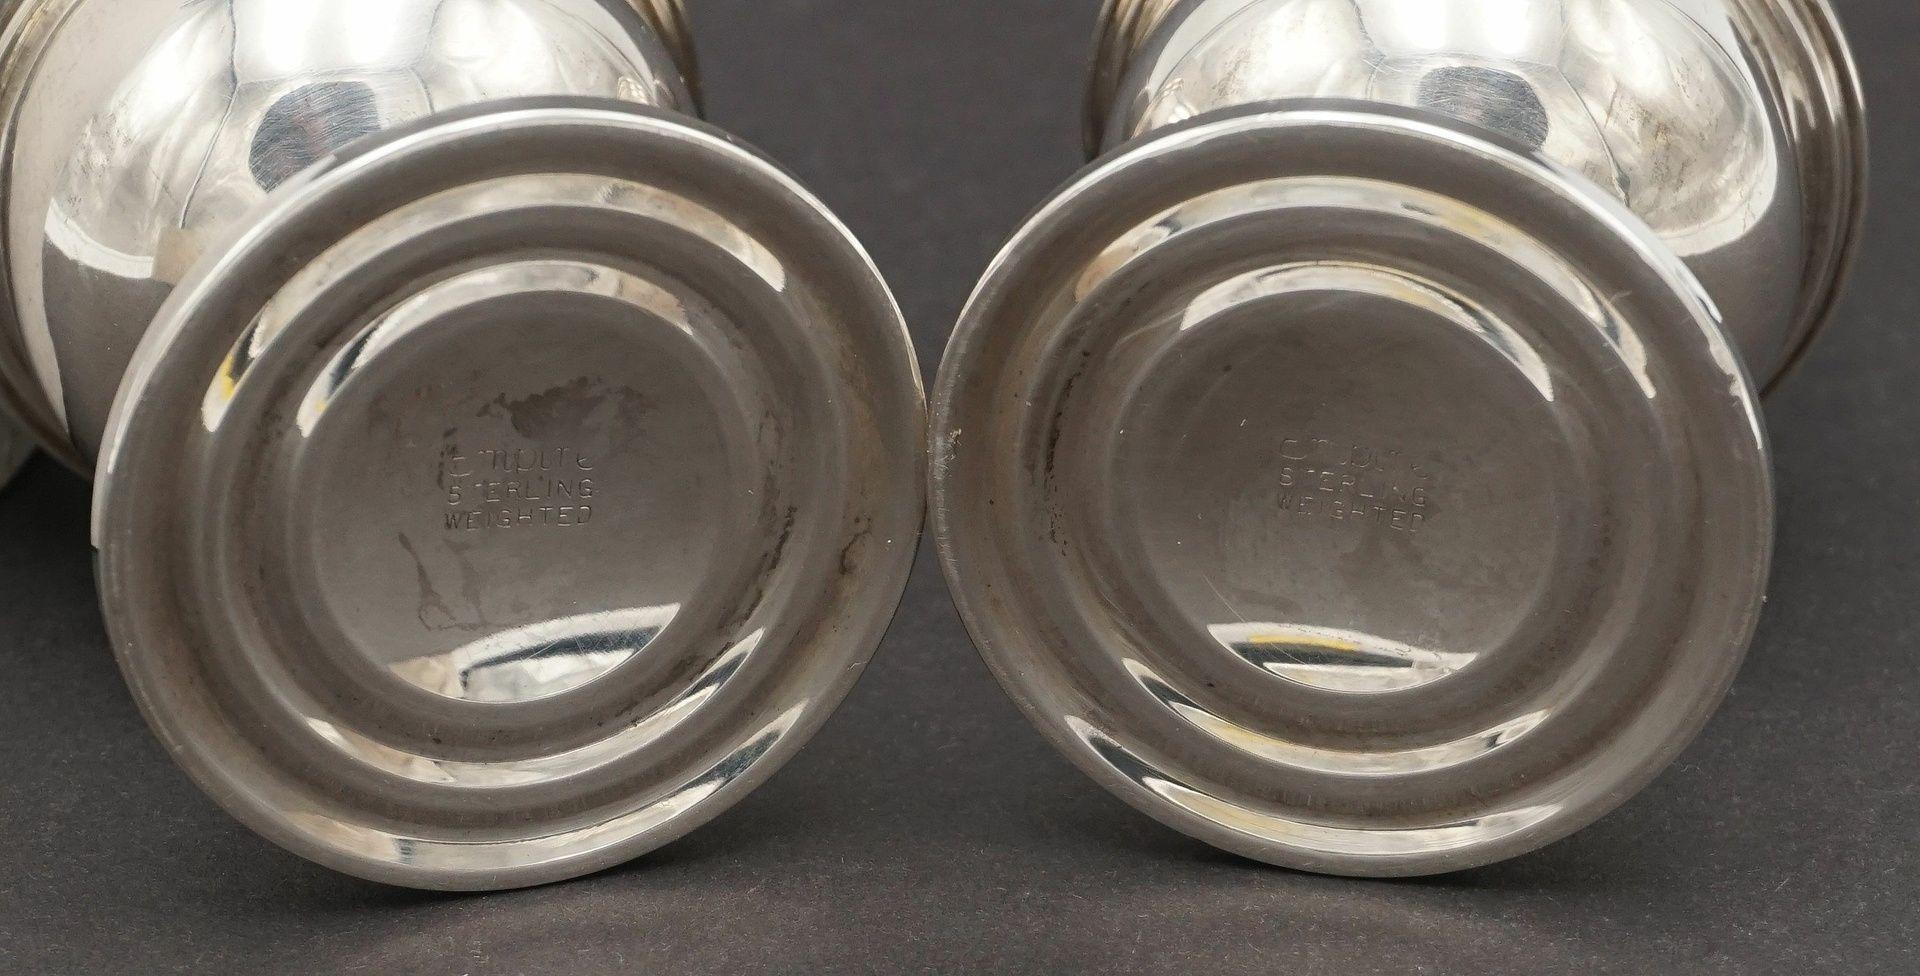 Salz- und Pfefferstreuer und Rauchgefäß - Bild 4 aus 4